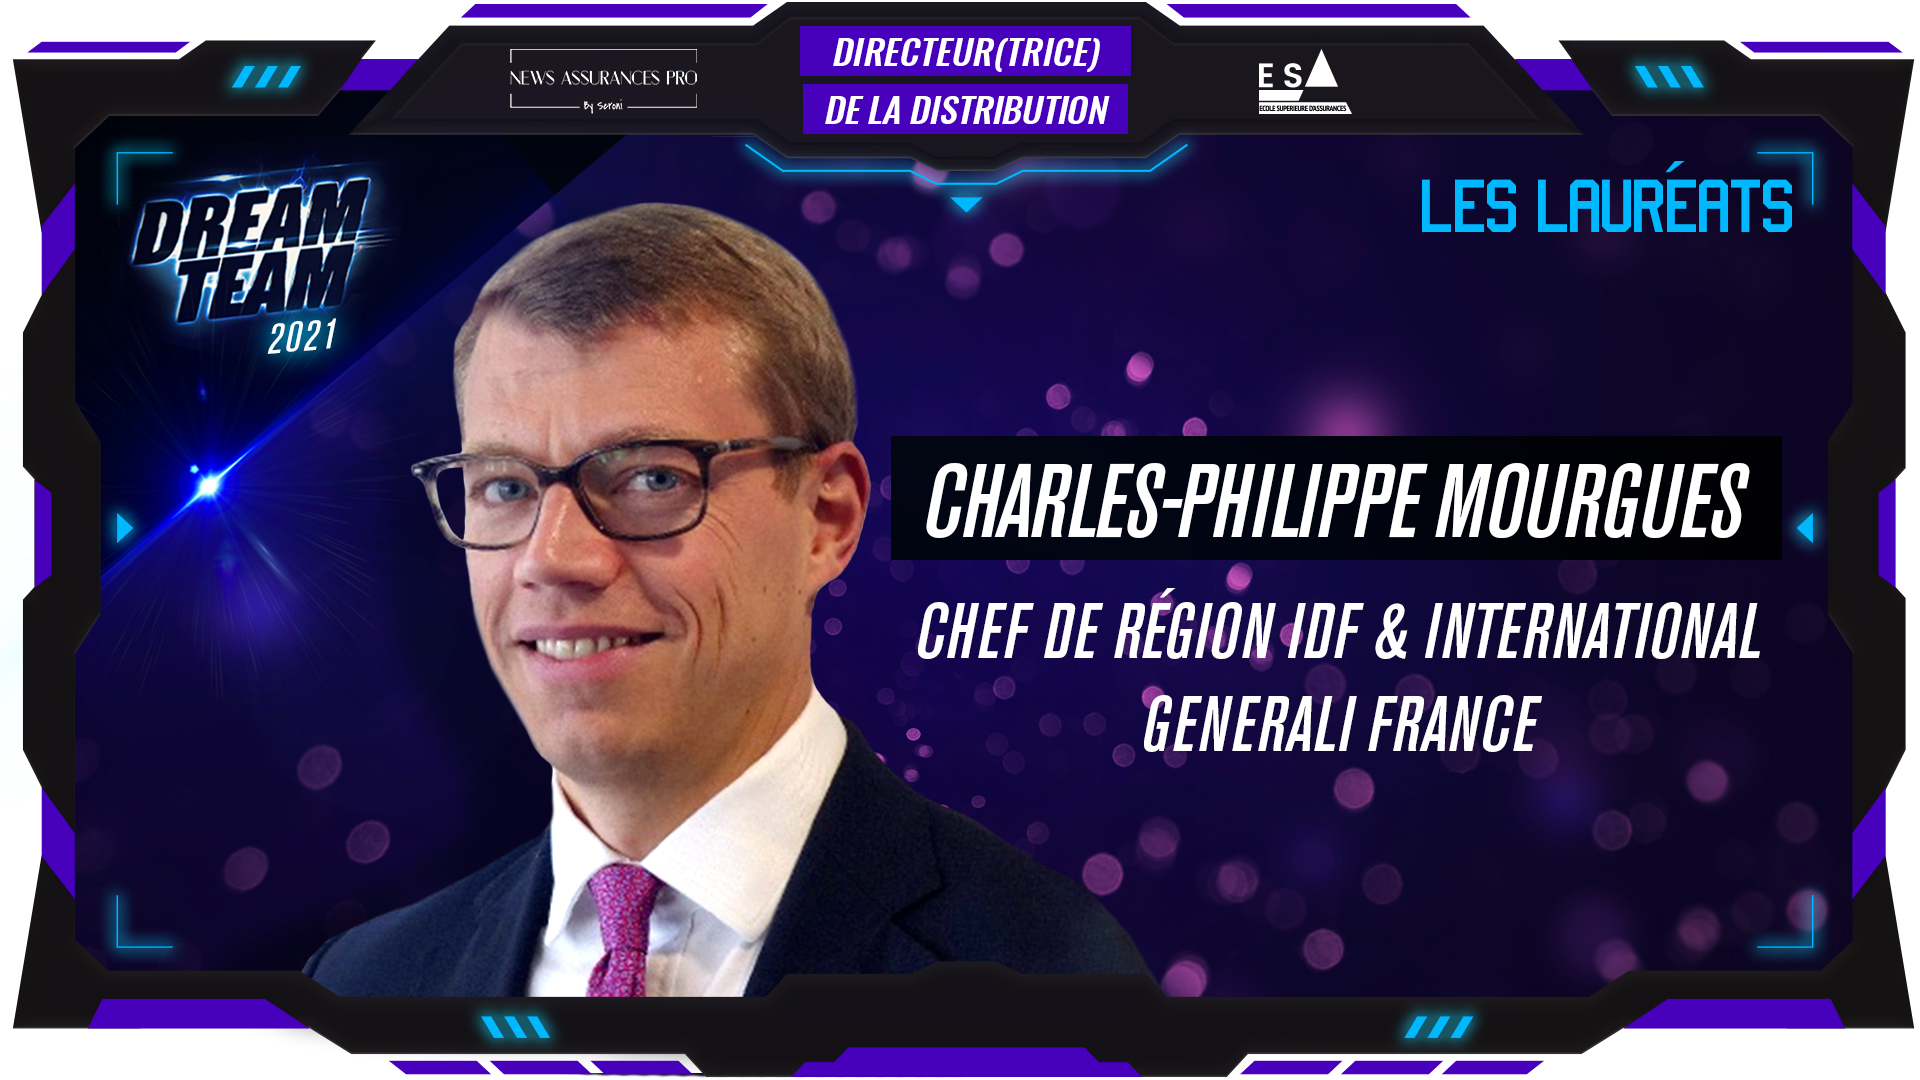 Charles-Philippe Mourgues au poste de Directeur de la Distribution